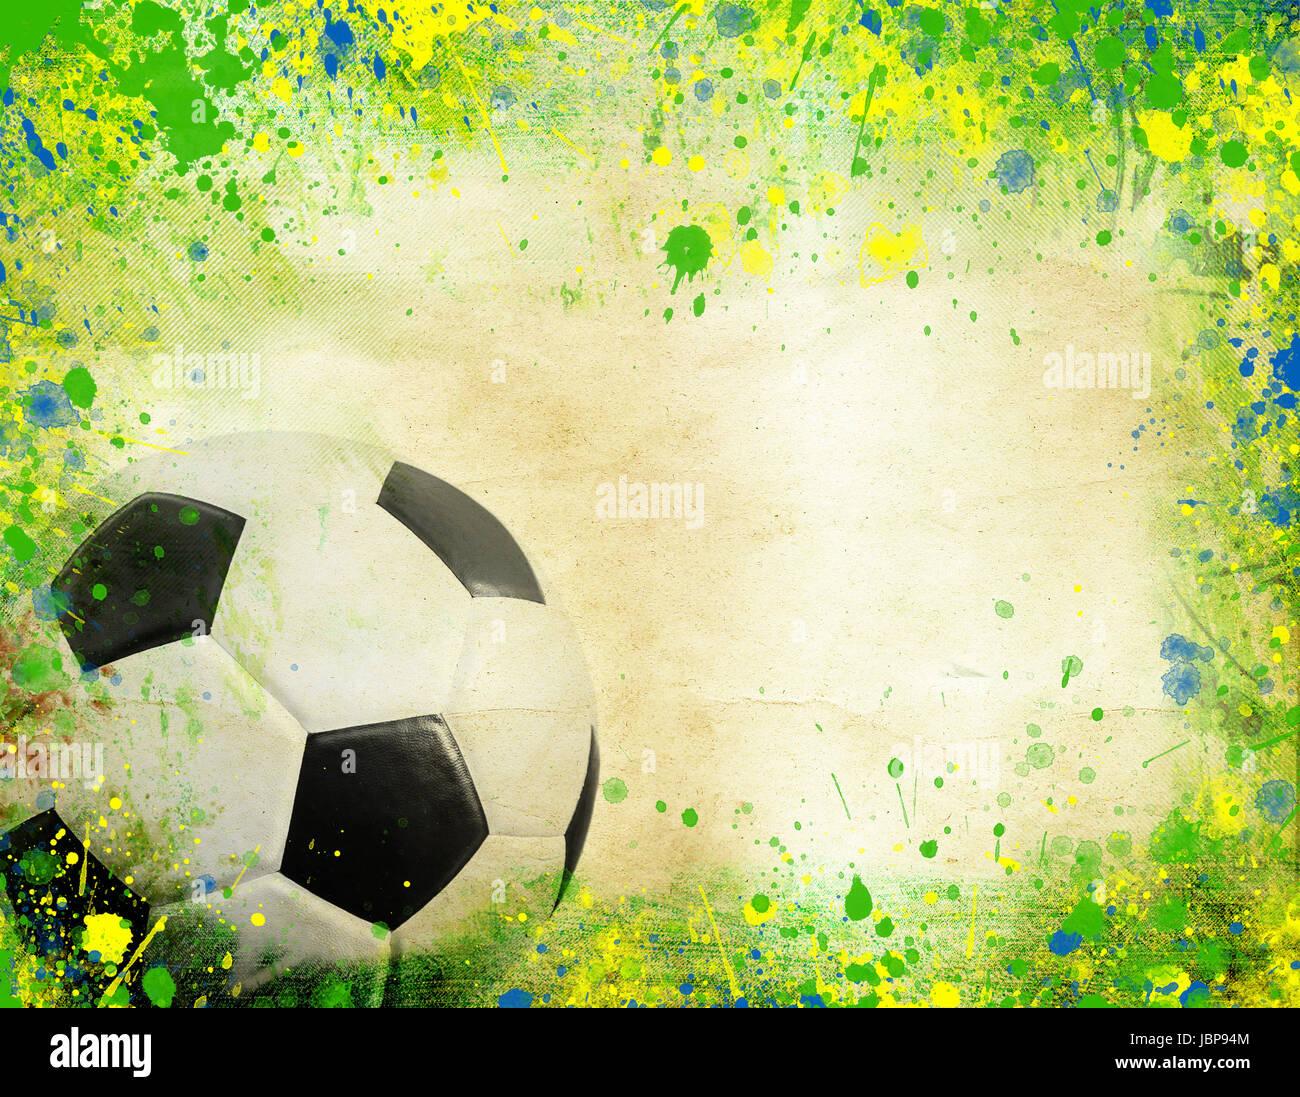 Foto von Fußball und die Farben der Flagge Brasilien Stockfoto, Bild ...